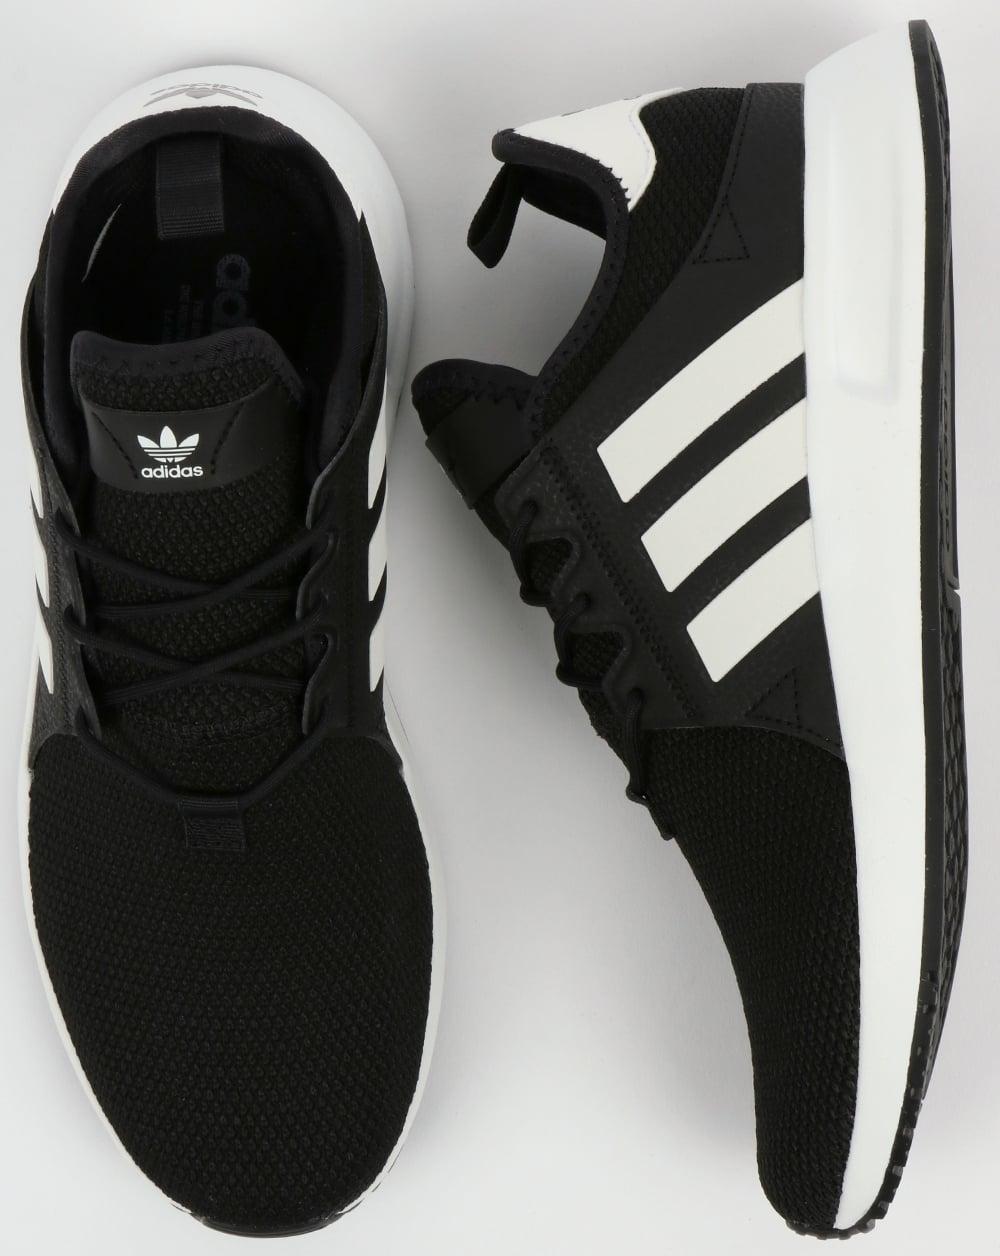 f319135b4a adidas Trainers Adidas XPLR Trainers Black White